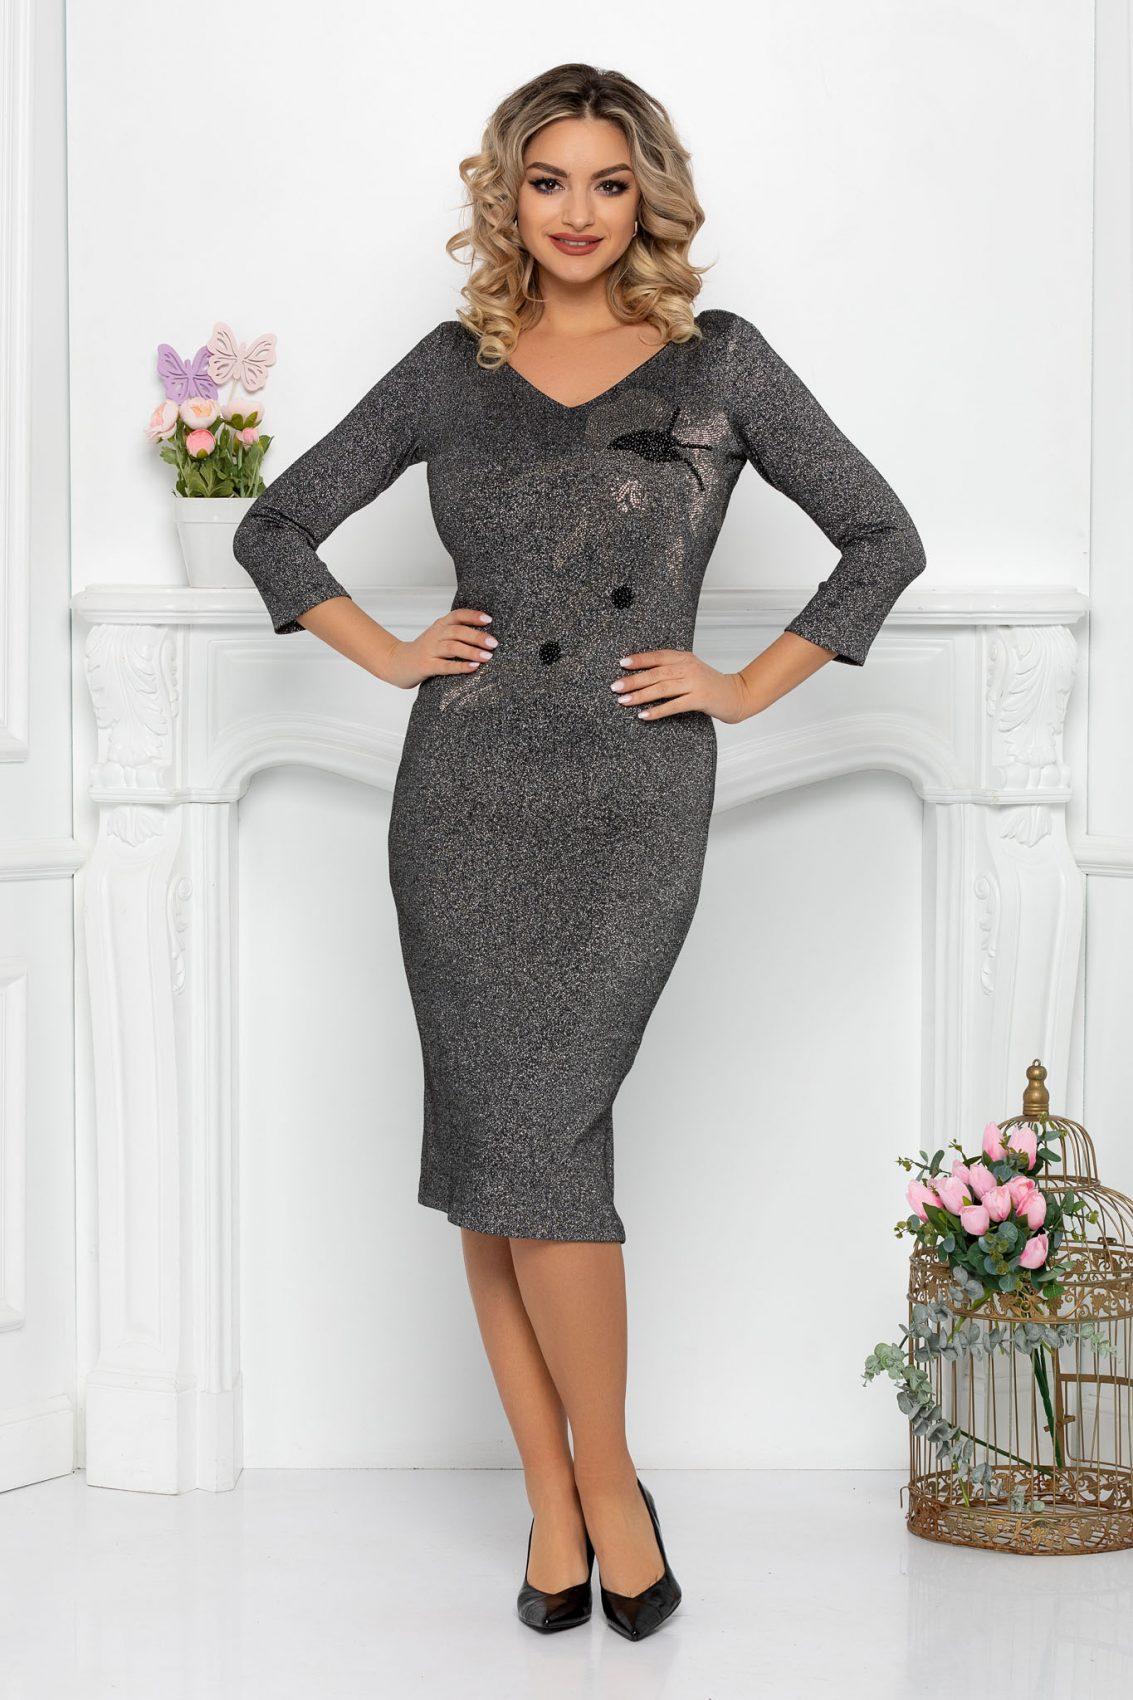 Βραδινό Γυαλιστερό Ασημί Φόρεμα Teona 9354 1